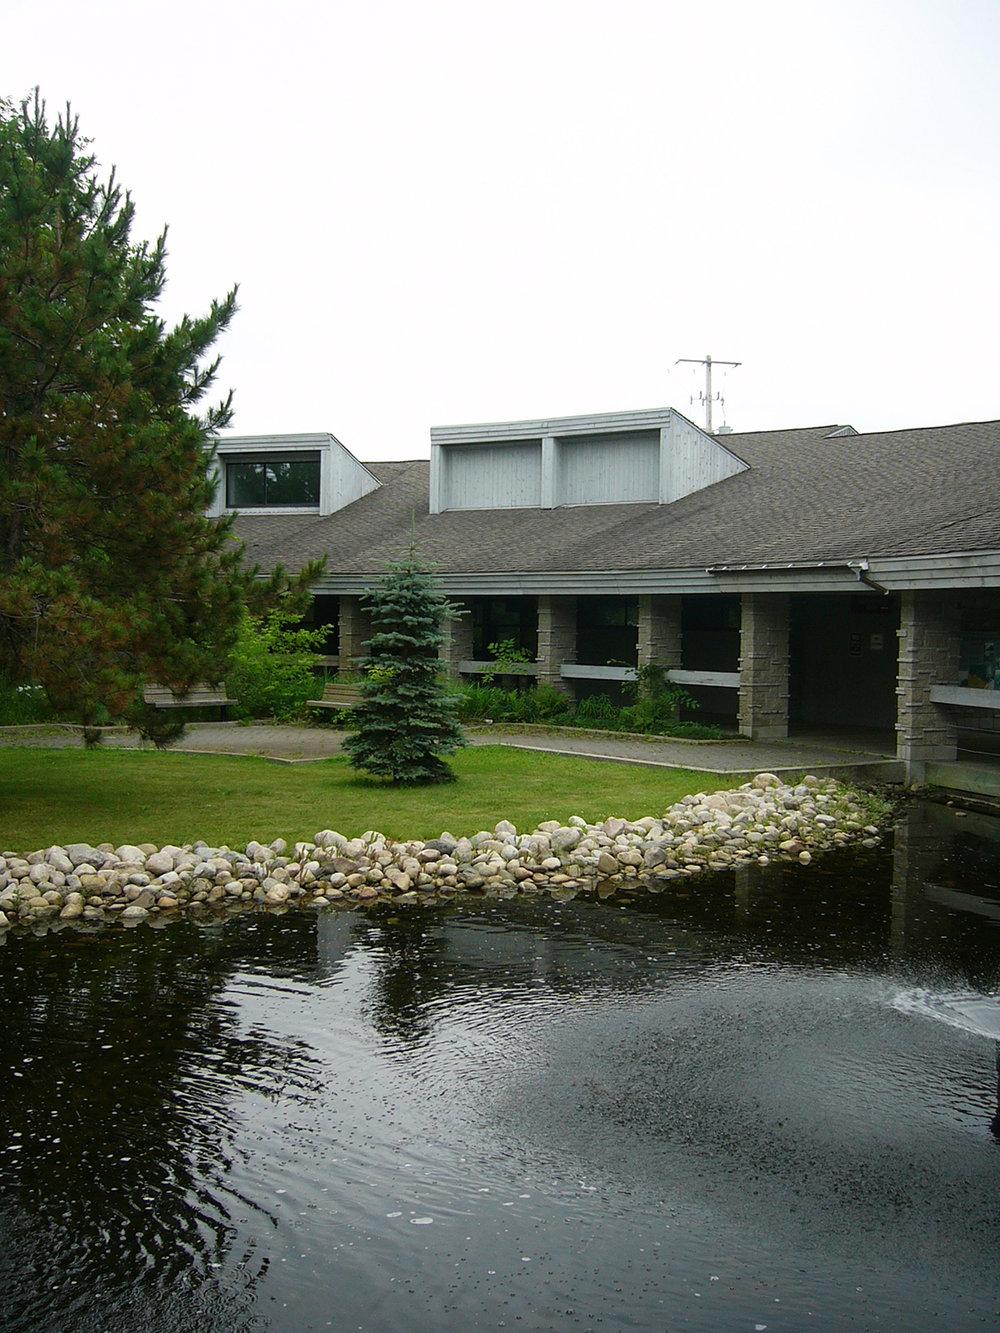 Ignace Regional Travel Centre, exterior photo of pond